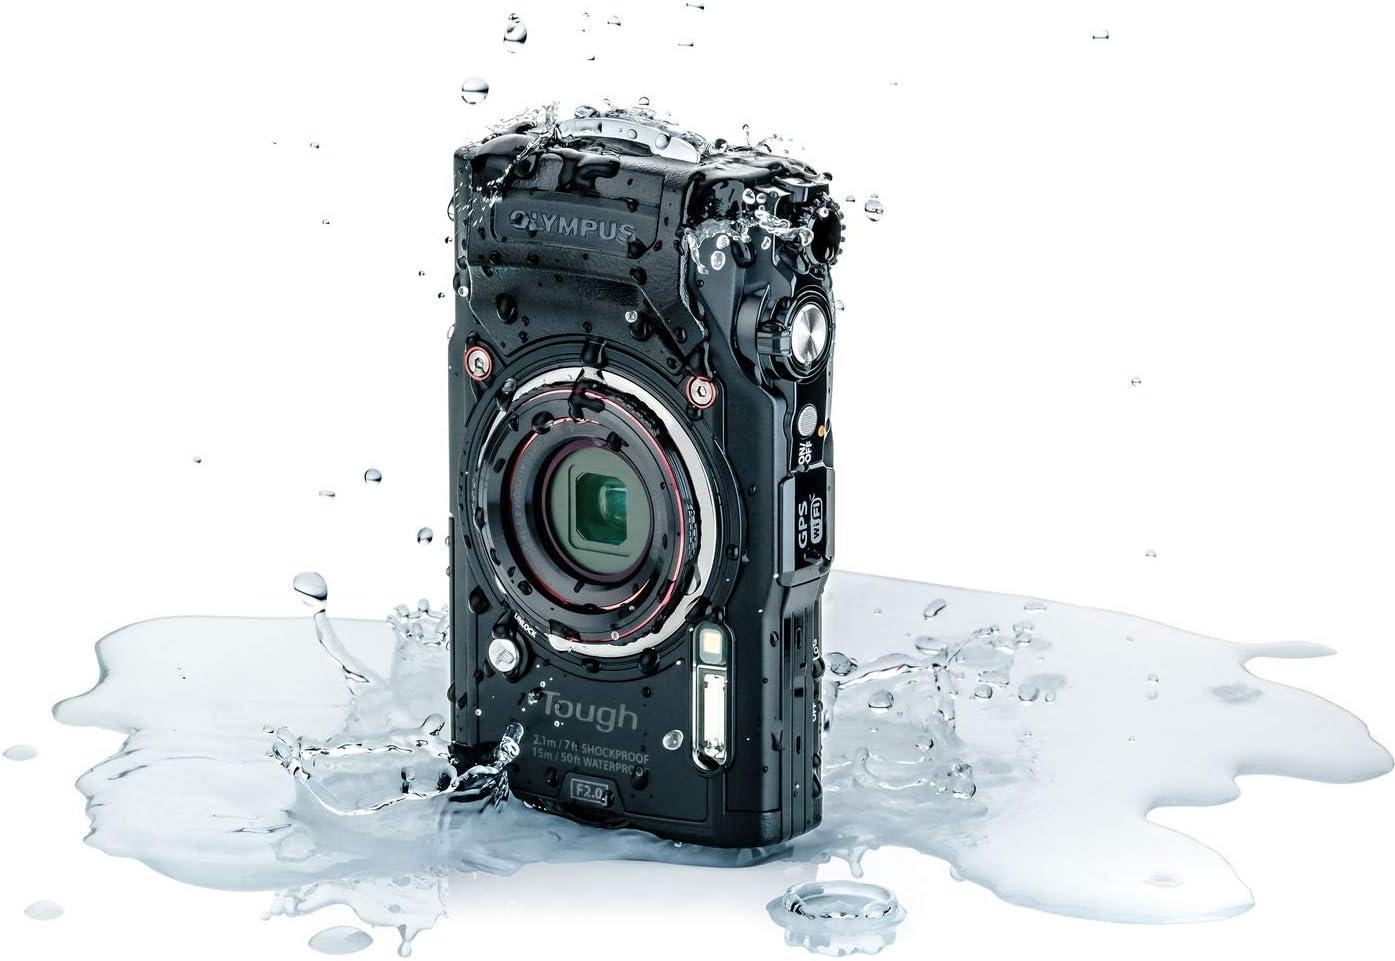 Olympus TG-6 Waterproof Camera